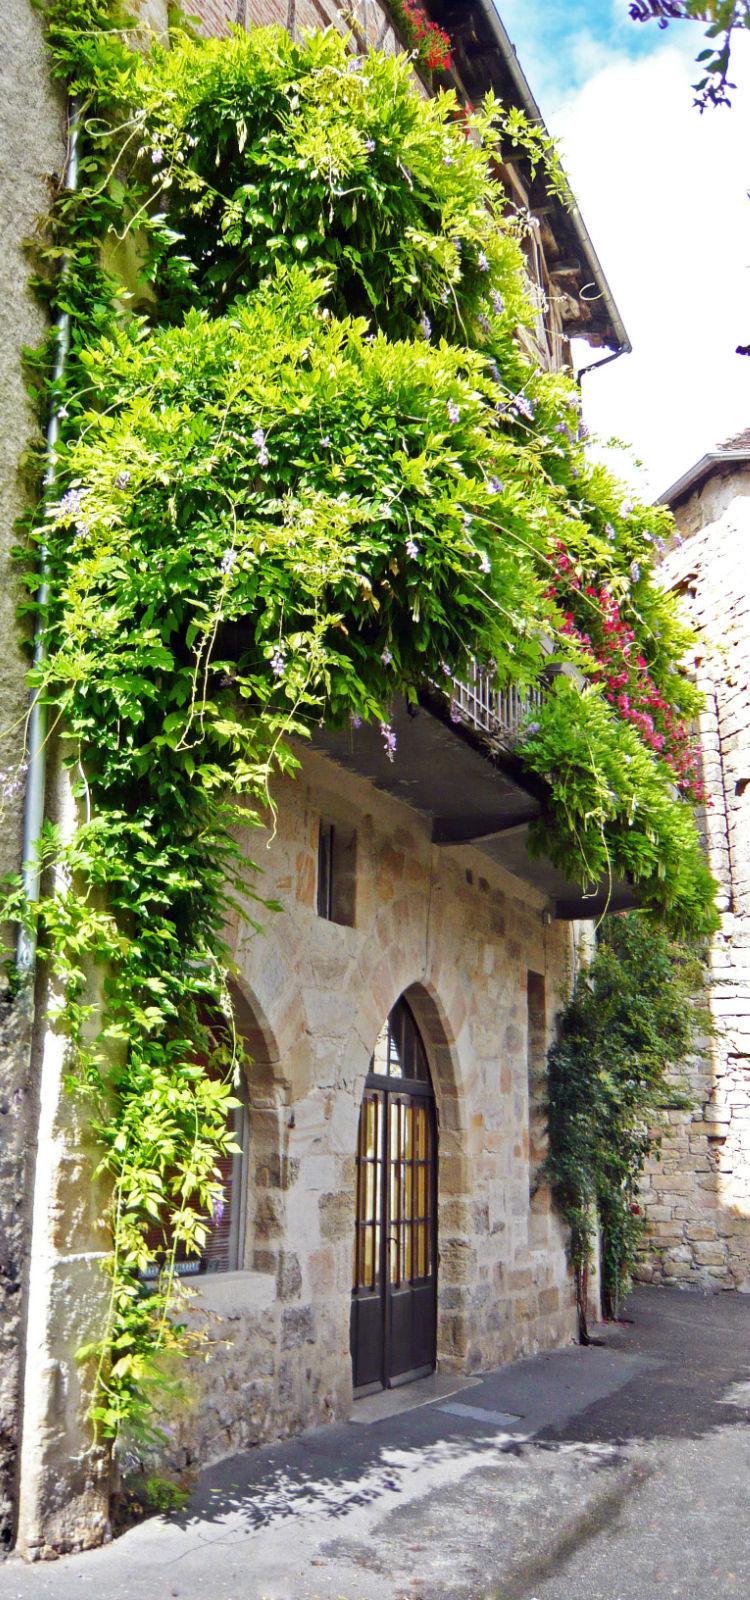 Chambre d hote lilas rose figeac 215017 la for Art et maison figeac